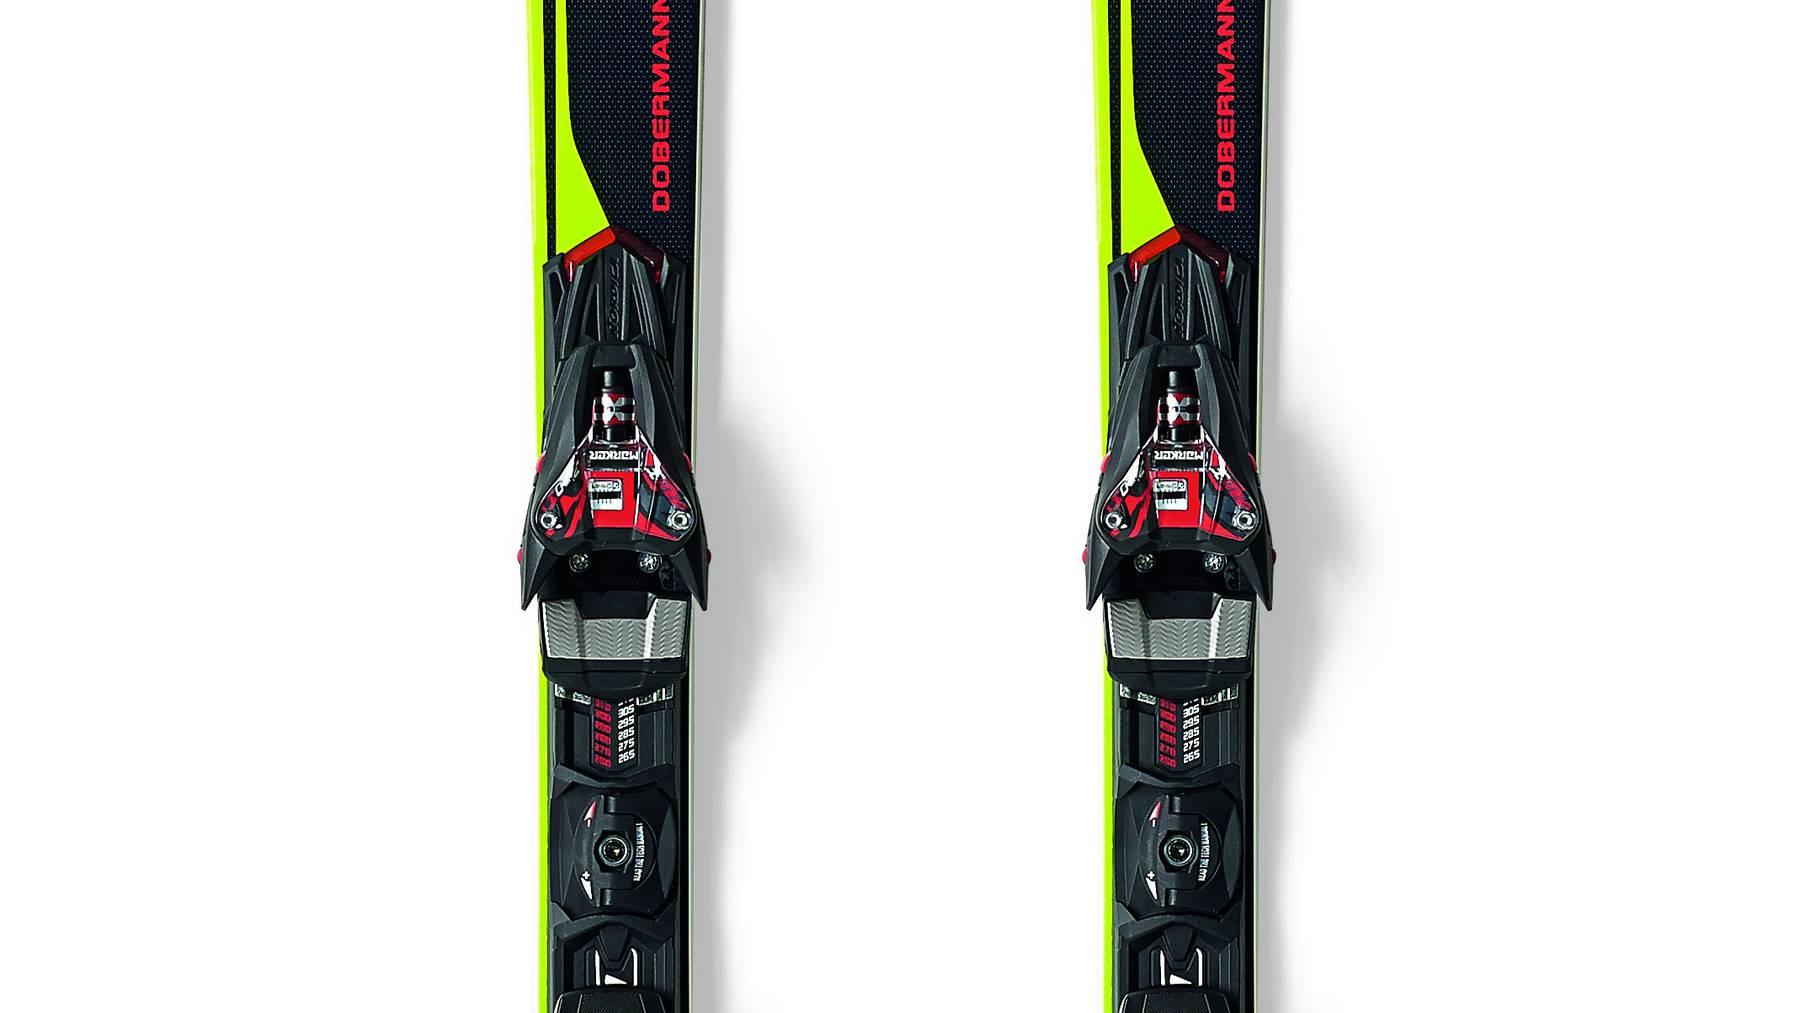 Schneetag: Gewinne einen Ski im Wert von 1'000 Franken